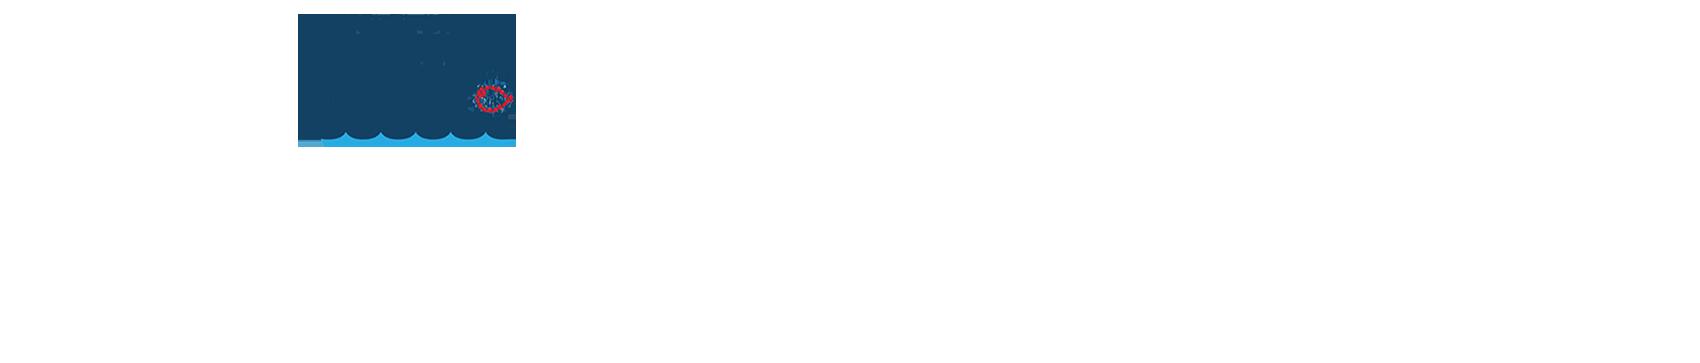 Image 12